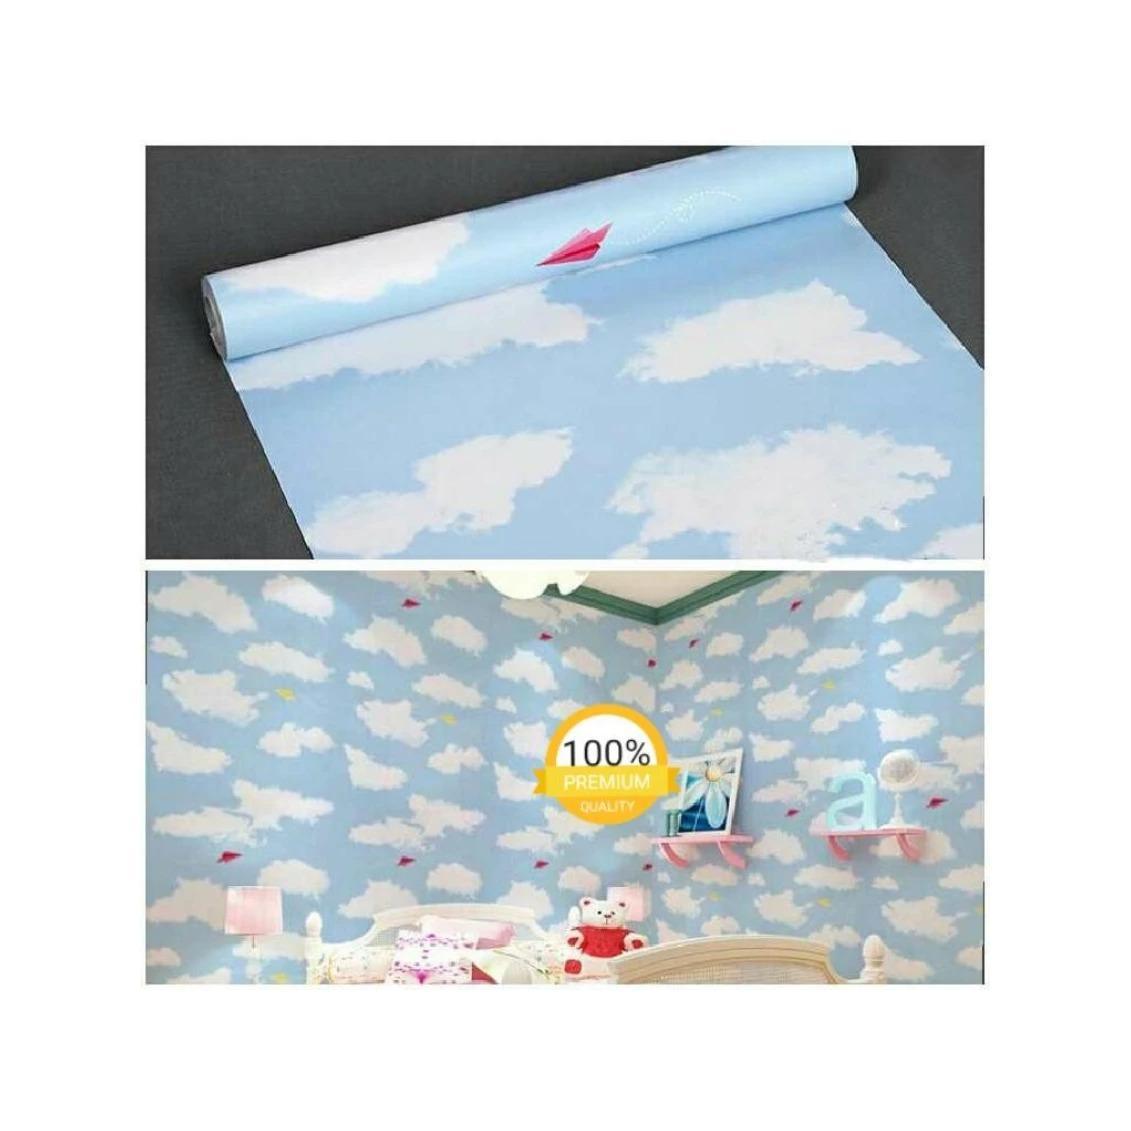 Kehebatan Wallpaper Sticker Dinding Biru Karakter Kantong Ajaib Langit Awan Naturalrestu Ibu